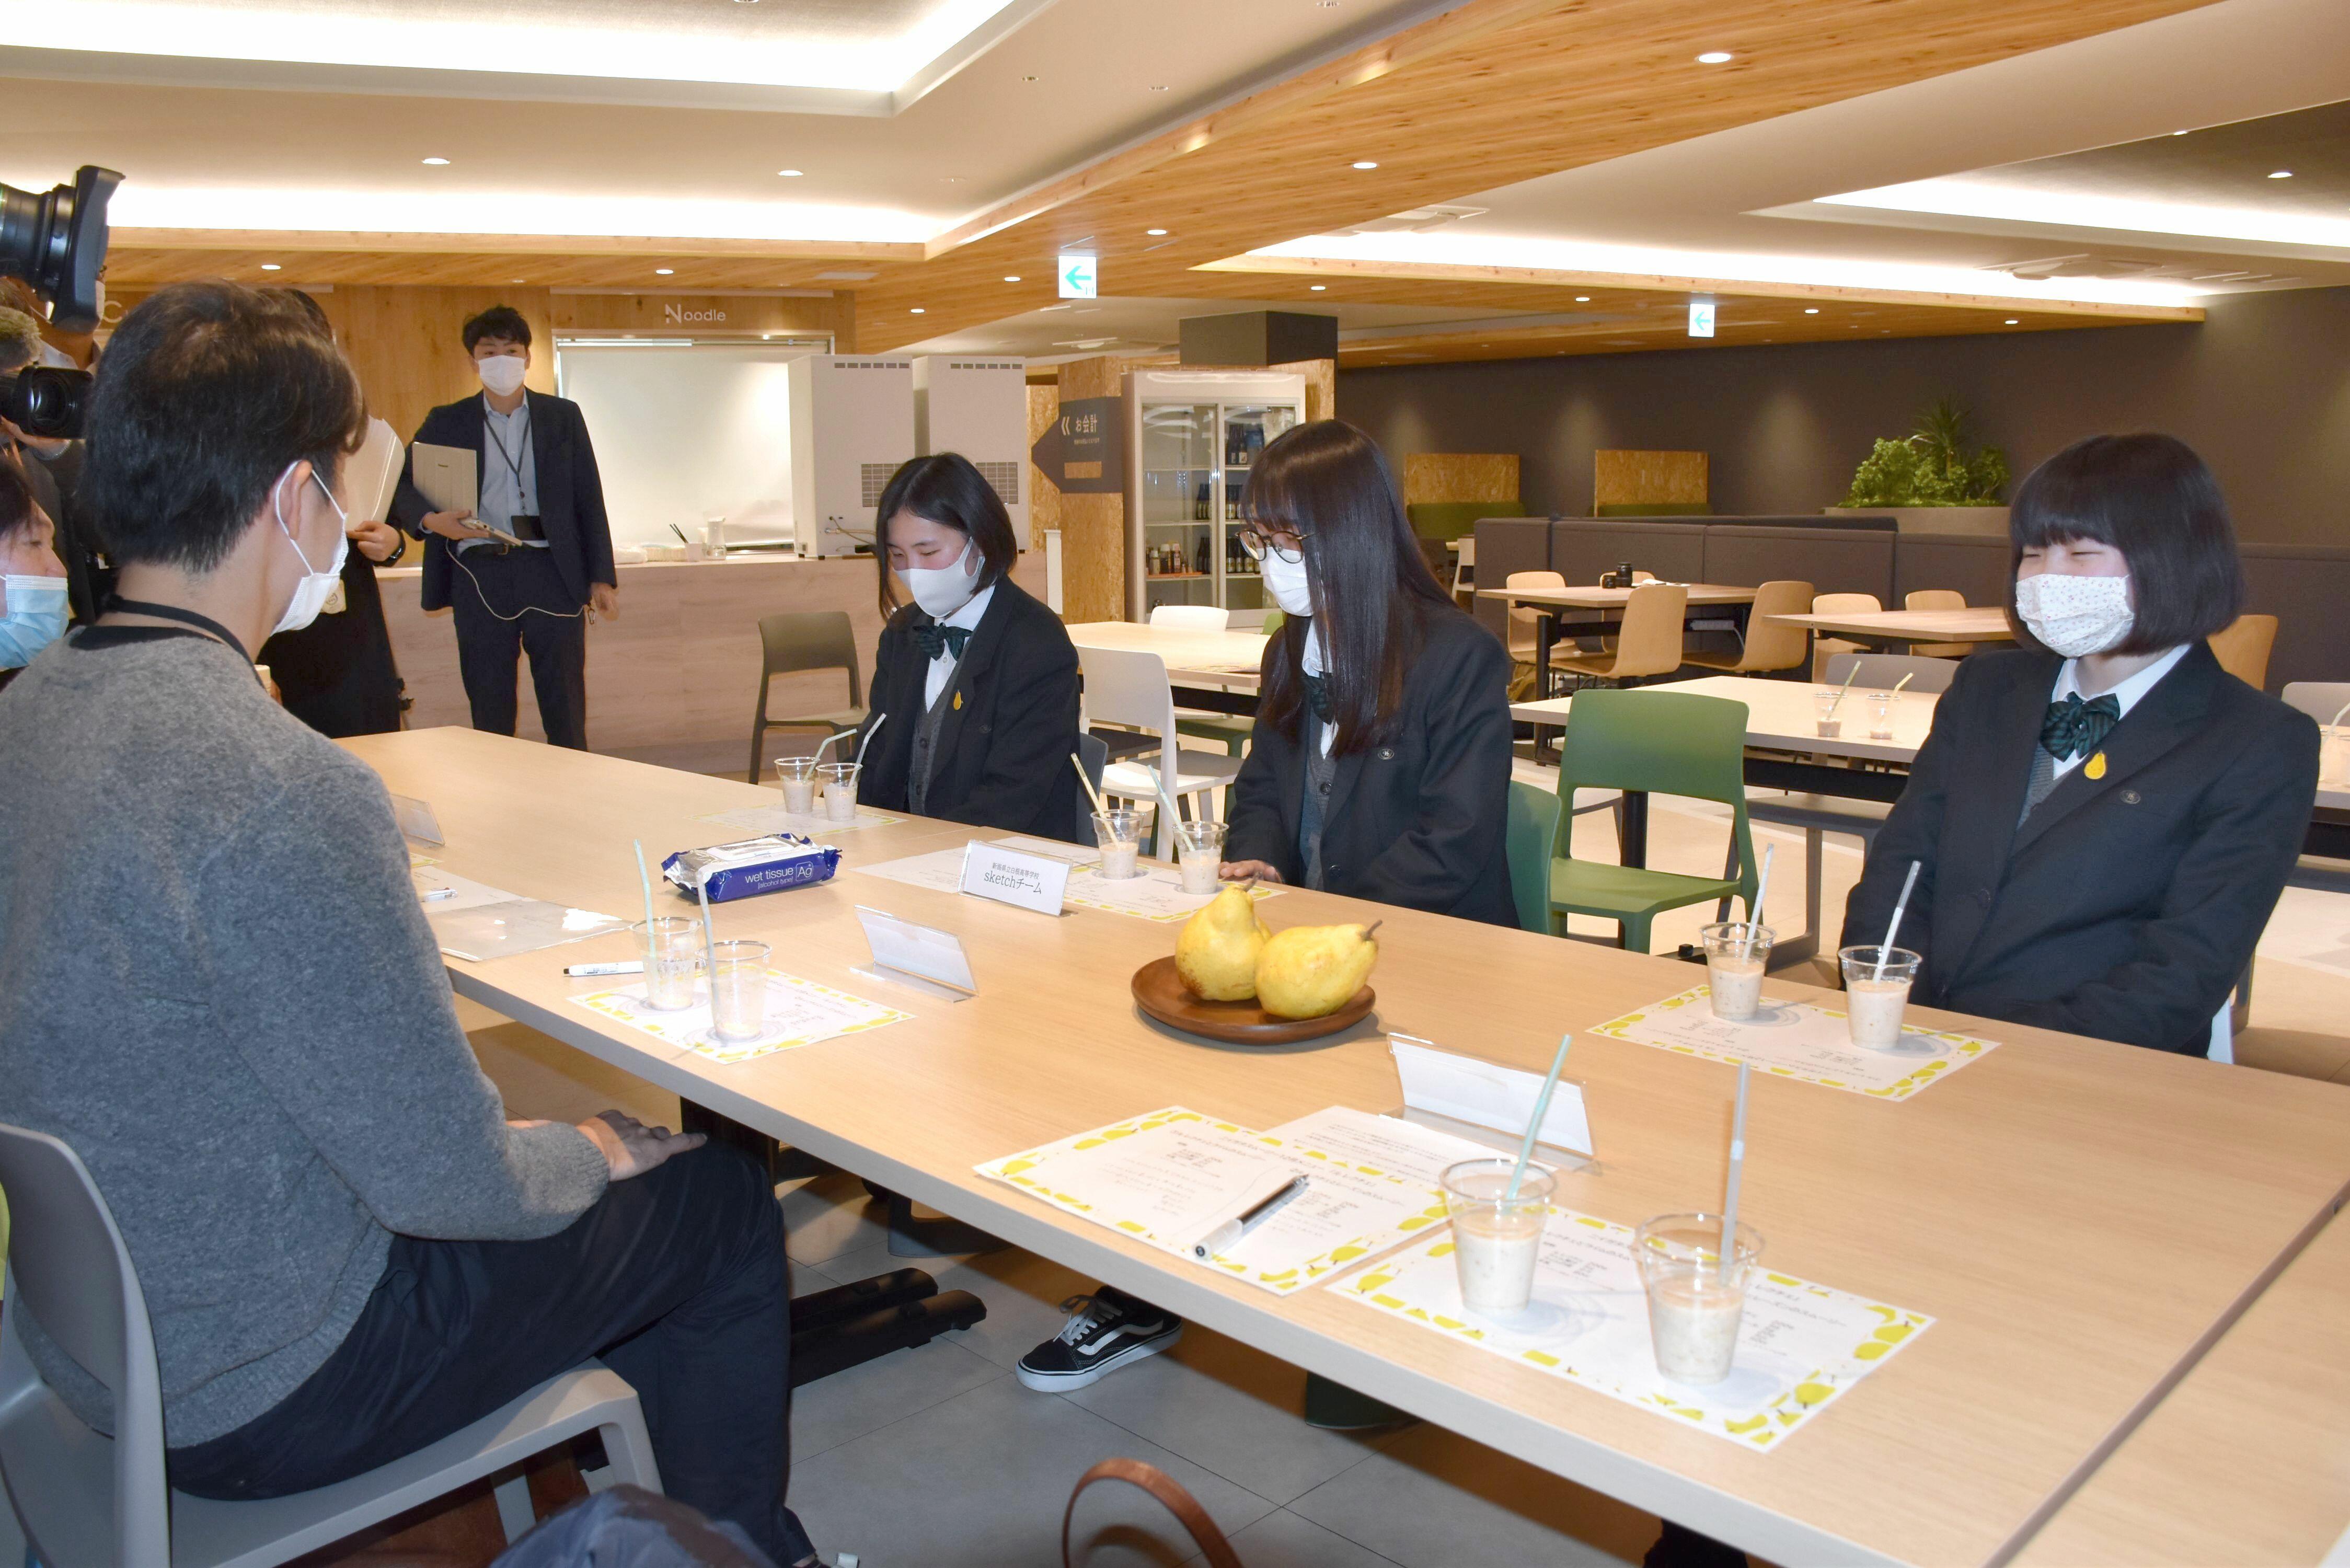 飲み比べをして味を選ぶ白根高生徒ら=新潟市中央区のJR東日本新潟支社